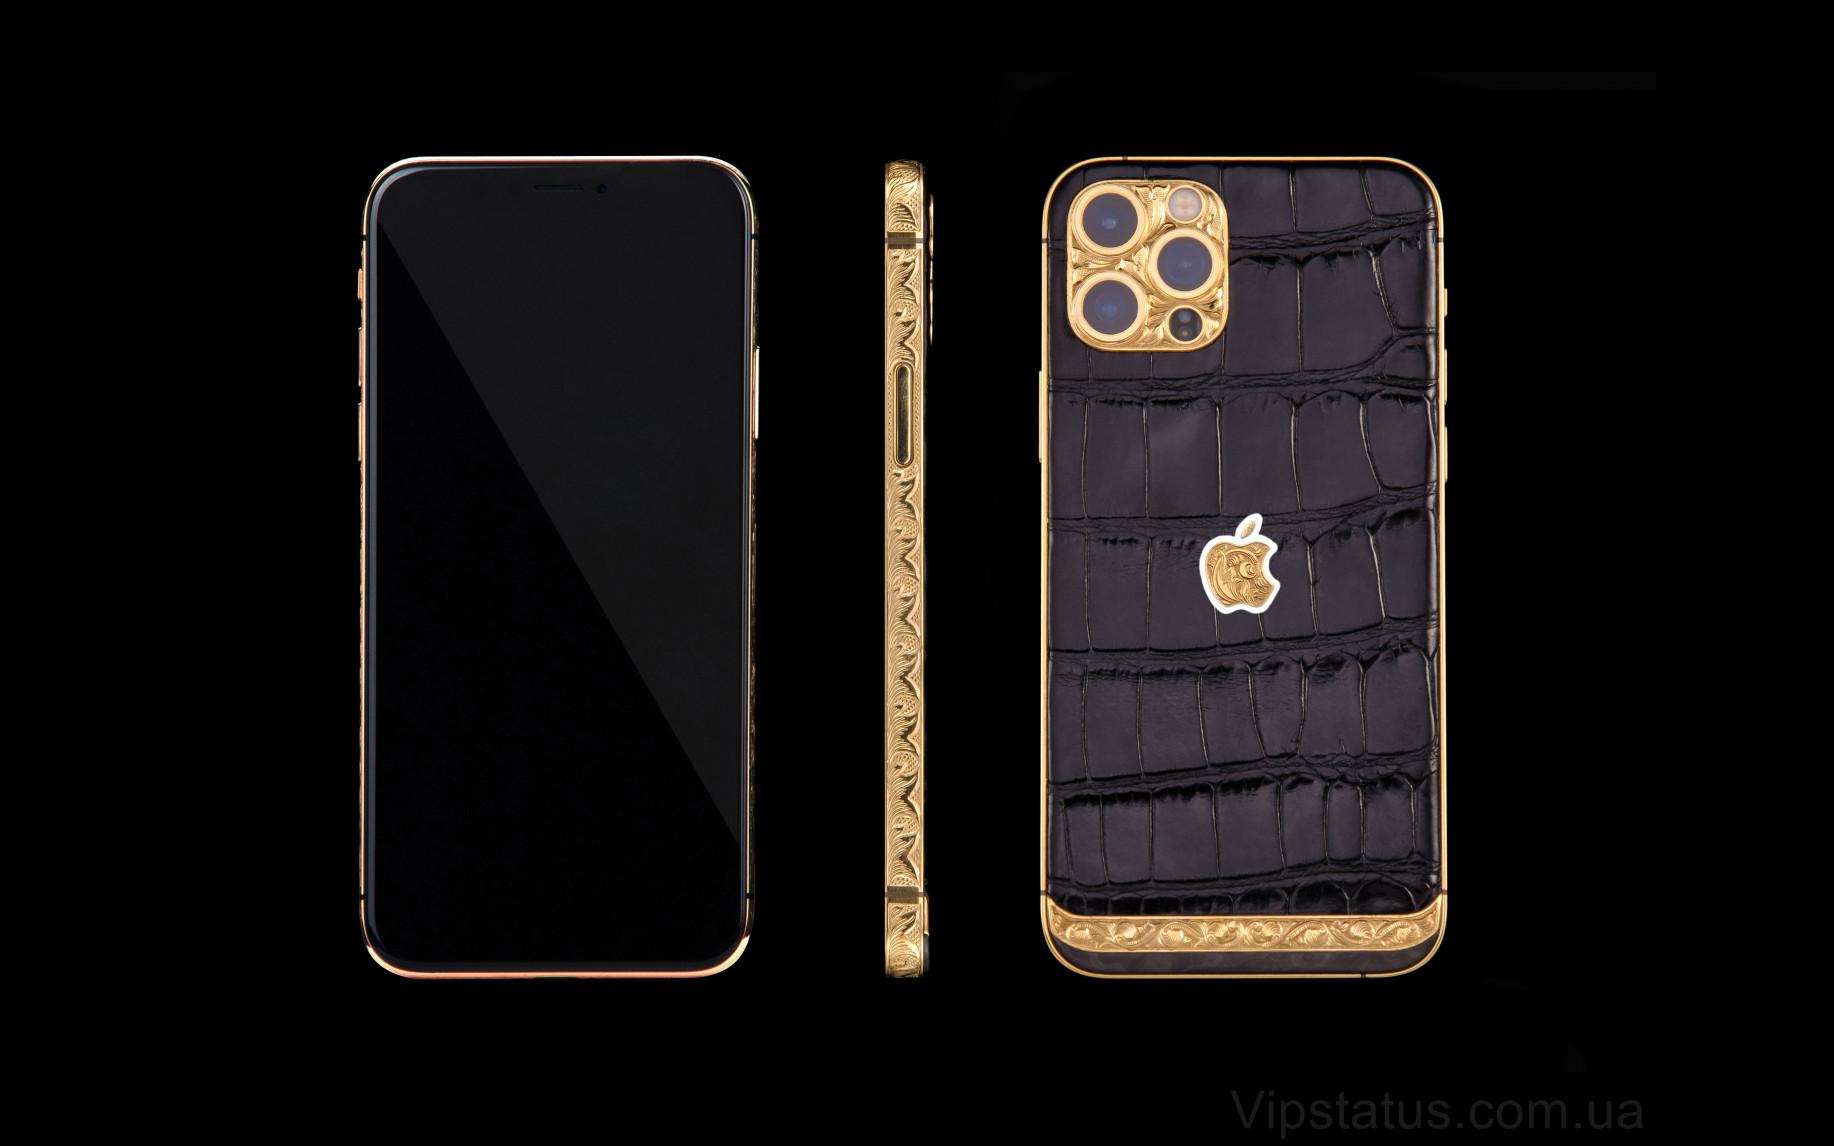 Elite Magic Apple Black IPHONE 12 PRO MAX 512 GB Magic Apple Black IPHONE 12 PRO MAX 512 GB image 8